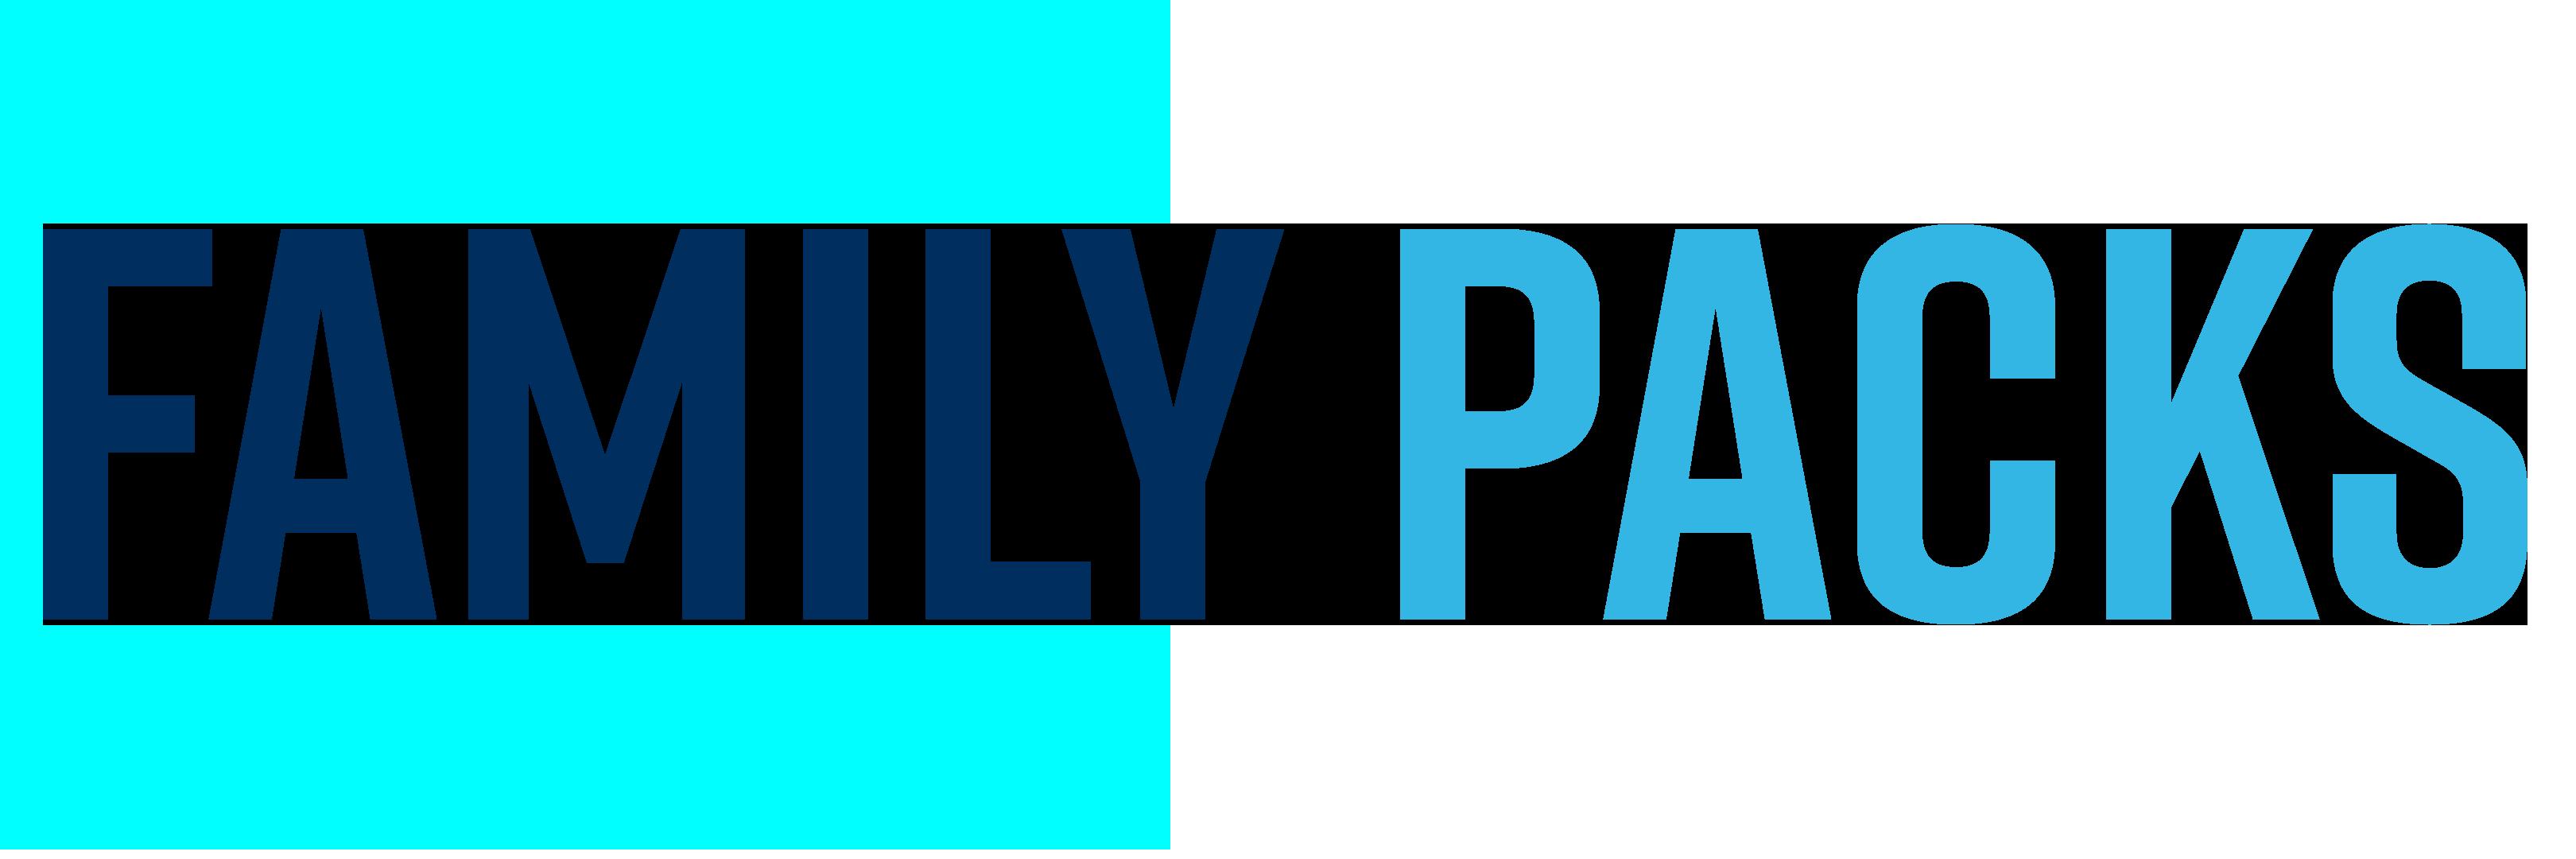 family_packs_title2